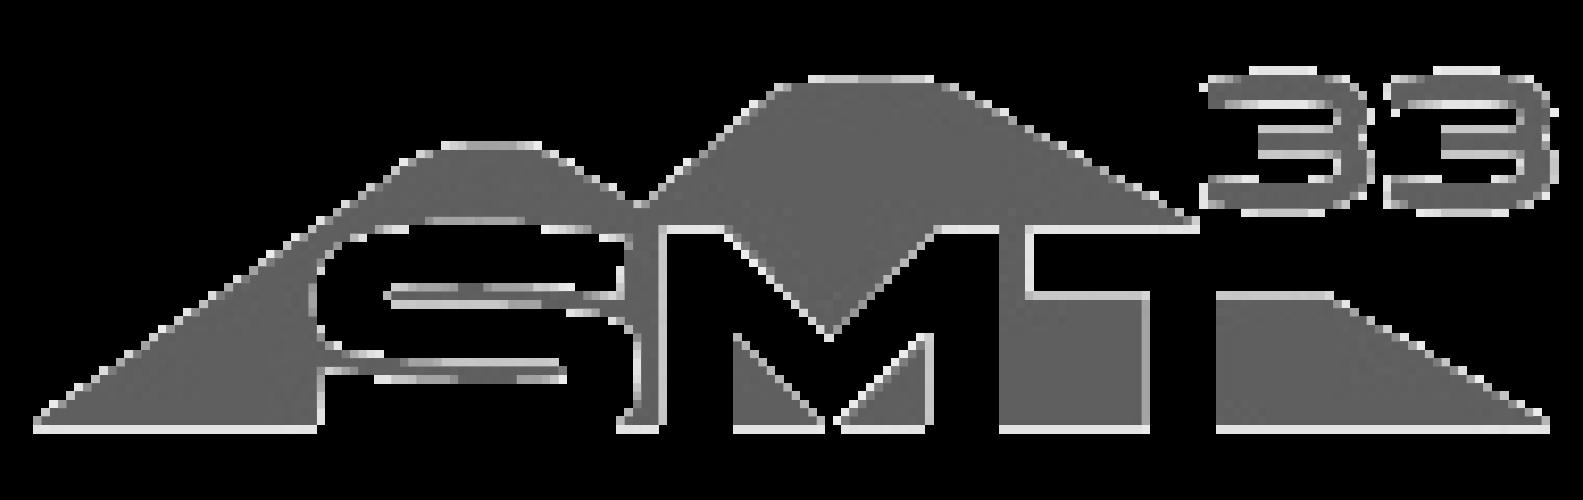 SMT 33